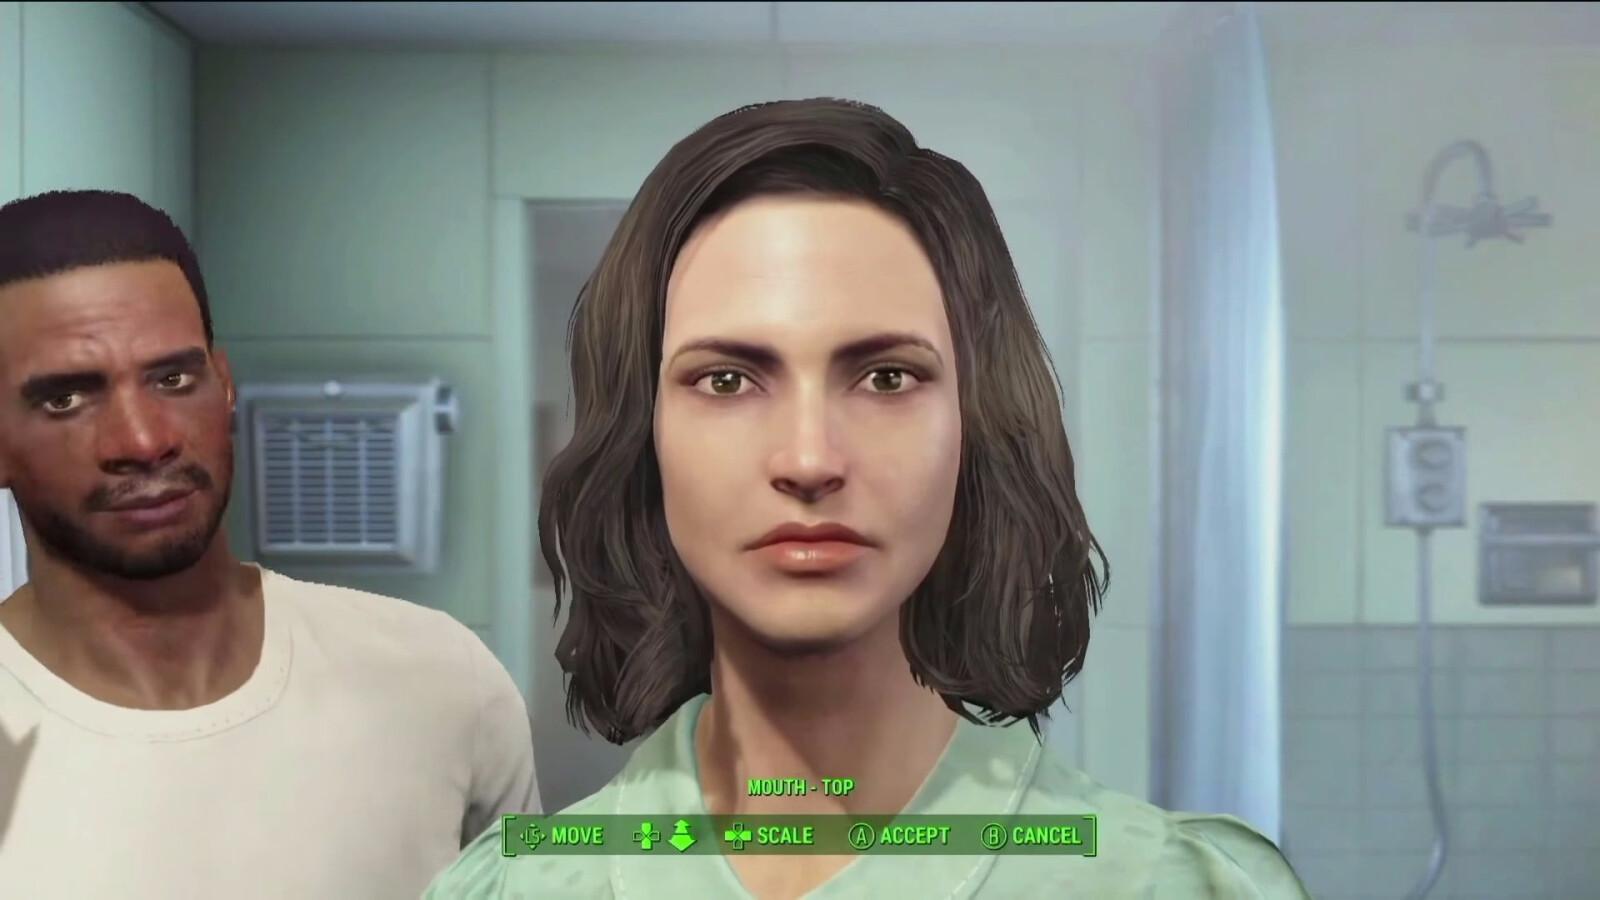 Fallout 4: Tipps zur Charakter-Skillung - diese Attribute empfehlen wir